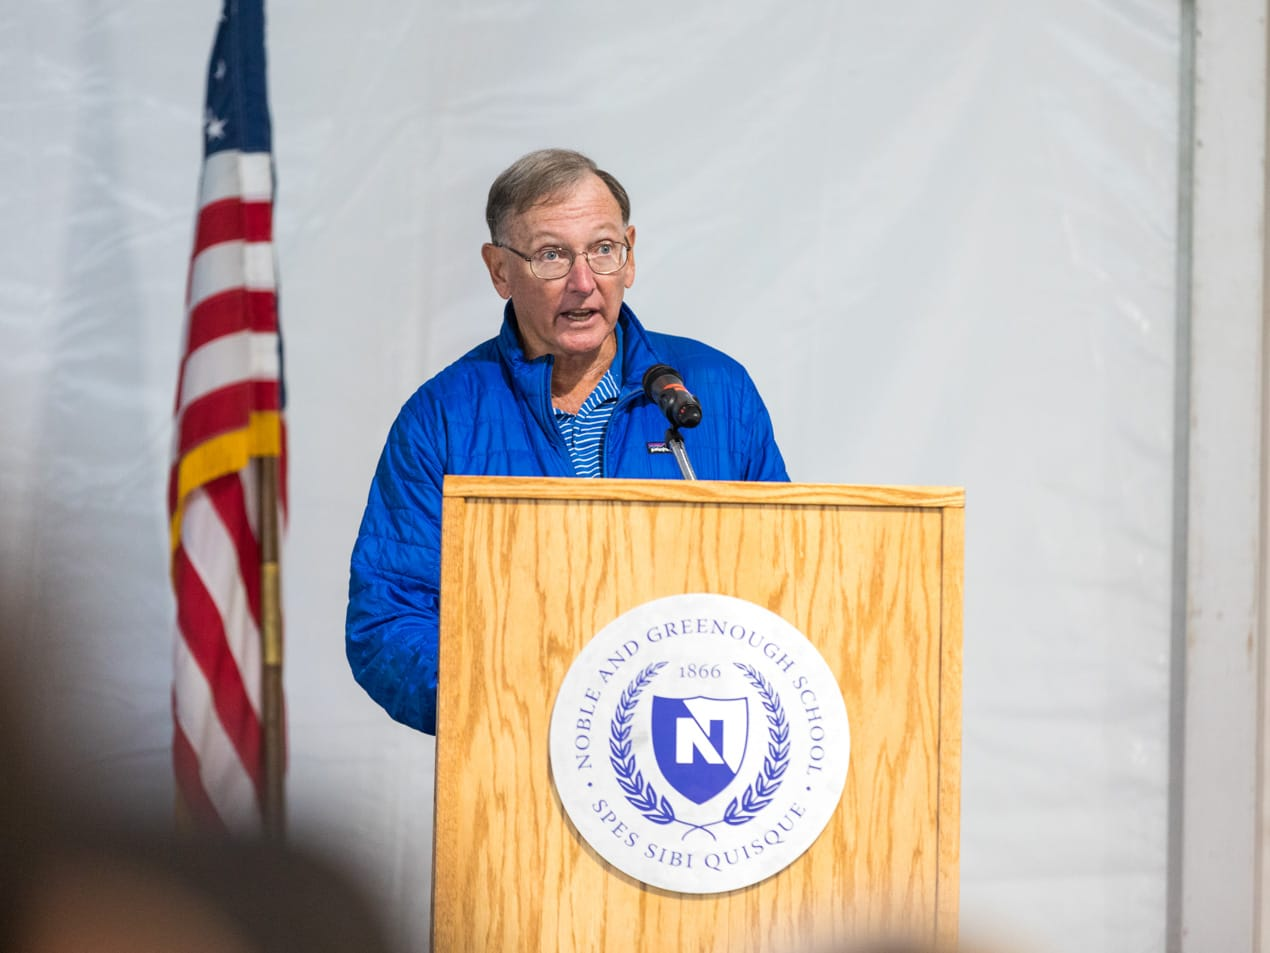 Nick Nickerson speaking